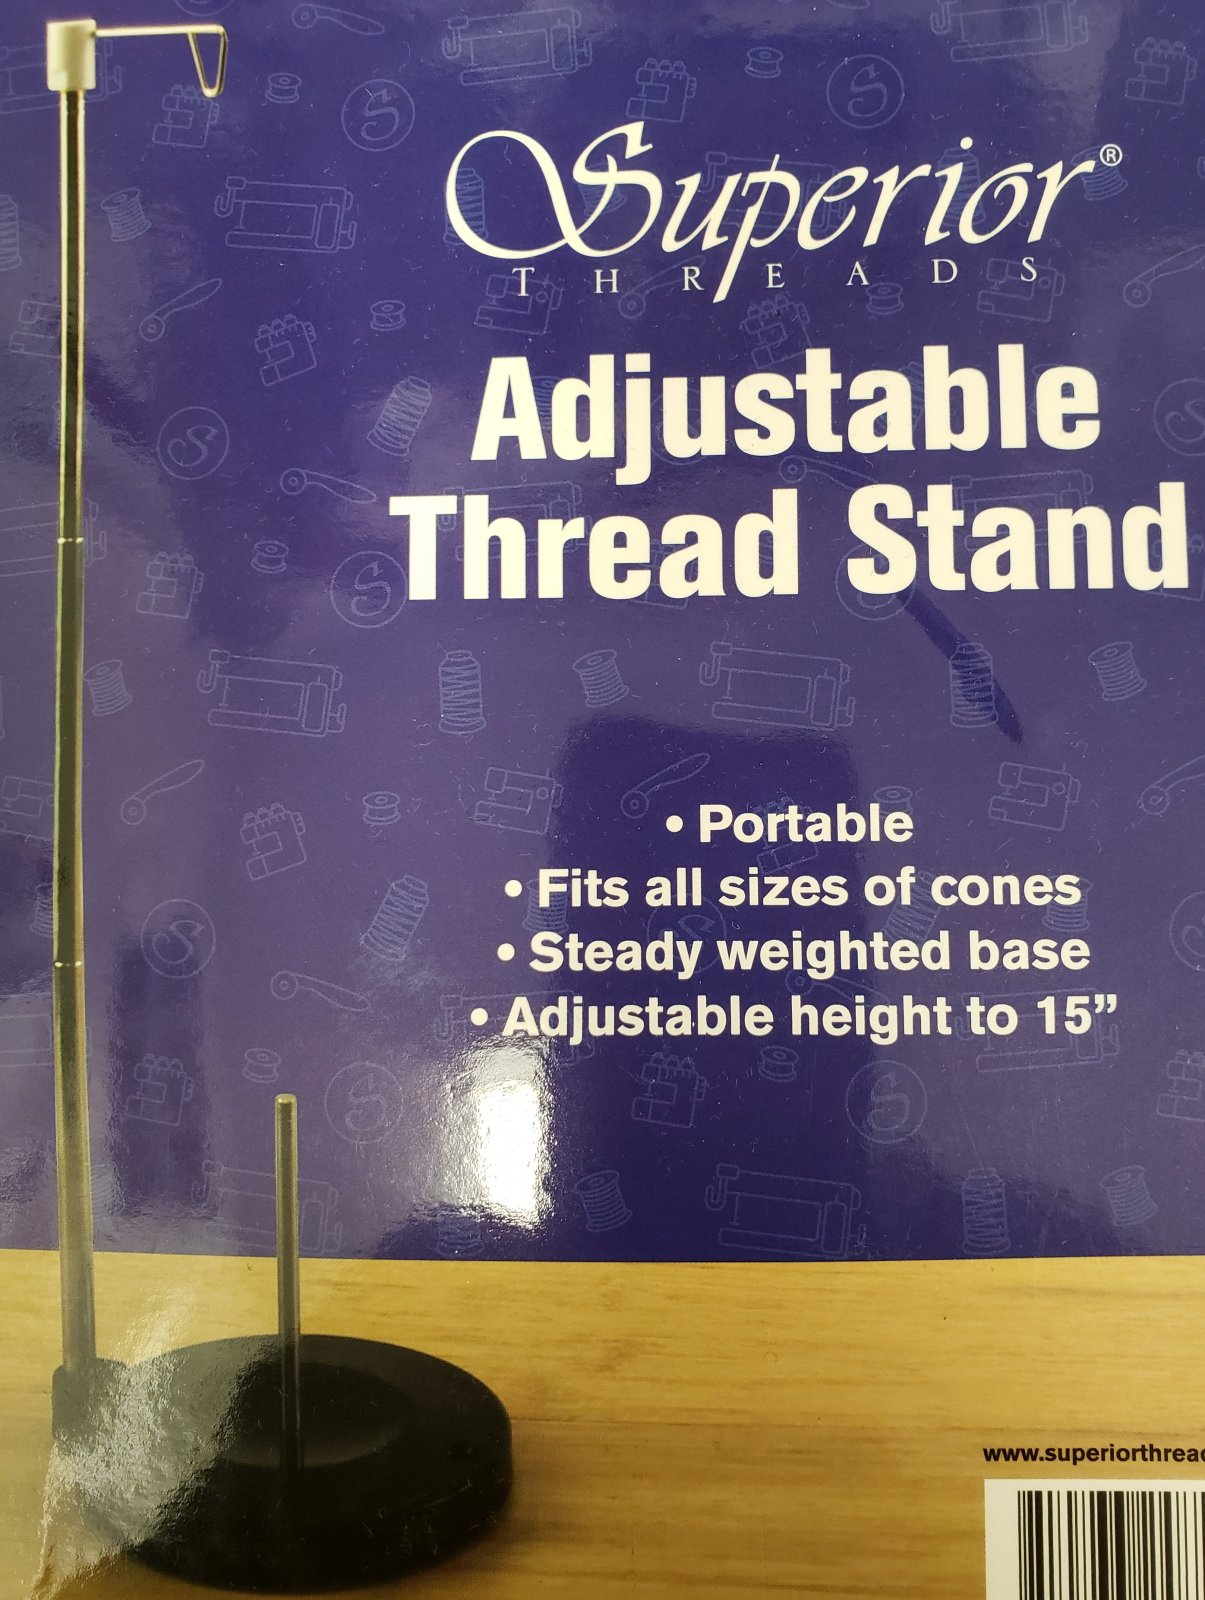 Adjustable Thread Stand ADJUTS